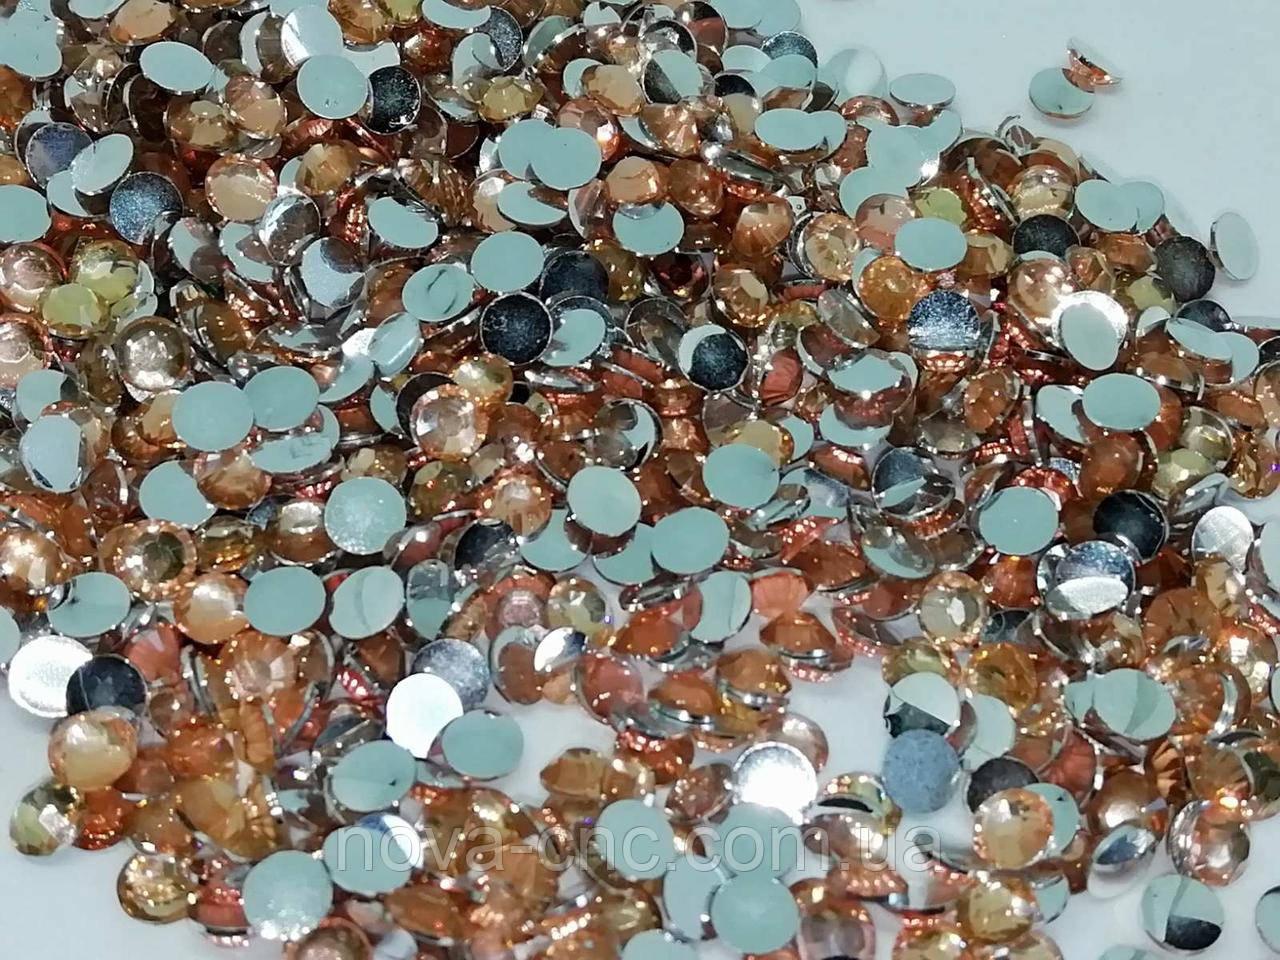 Стразы Термоклеевые, Круглые, Граненые, Плоские сзади, Цвет: Топаз, Размер: 4 мм., 5000 шт